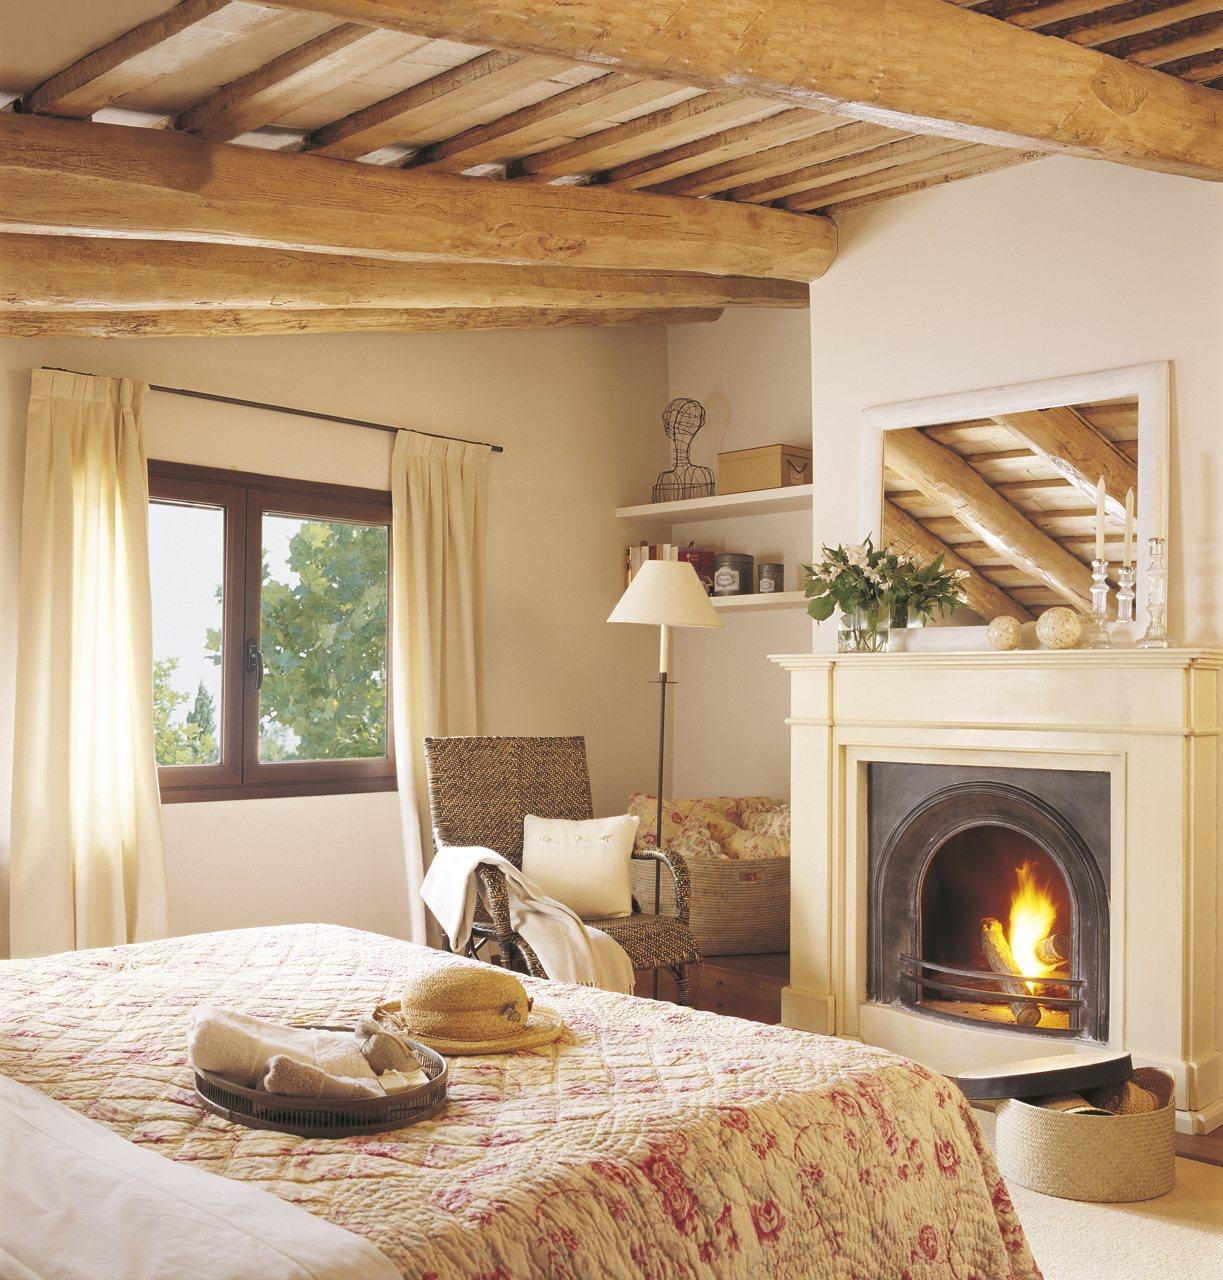 Por qu el 16 es el n mero del dormitorio ideal for Muebles bajos dormitorio para adultos